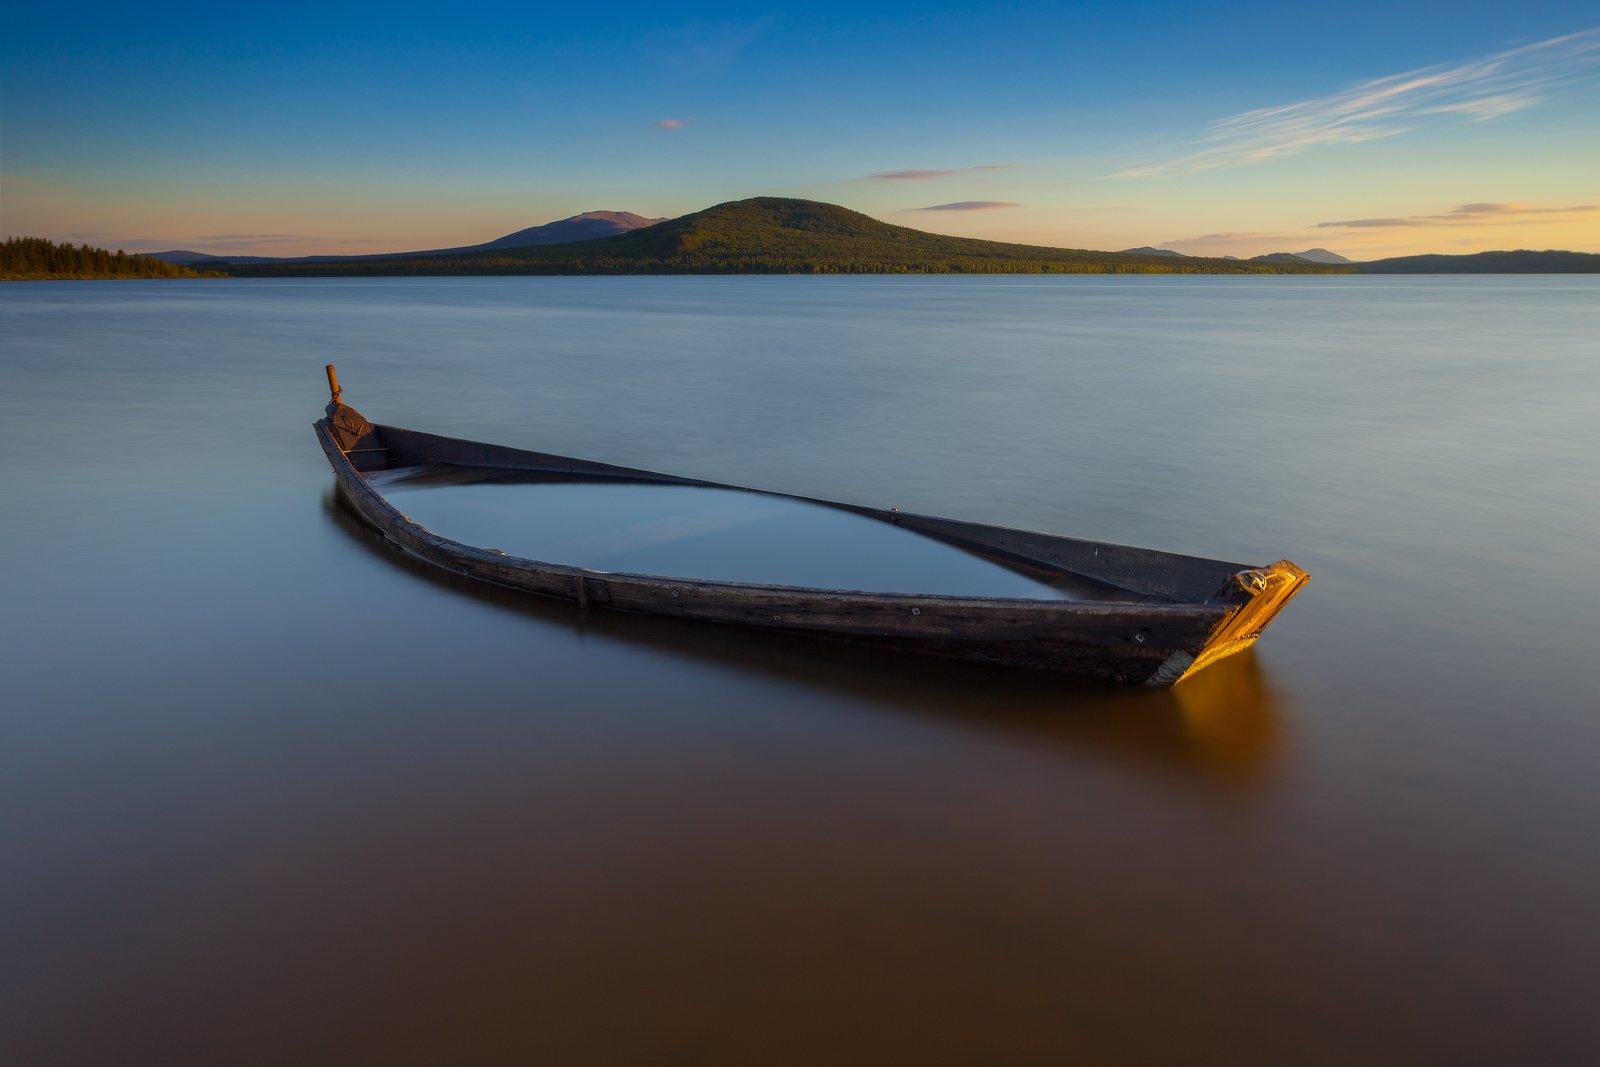 зюраткуль, закат, лодка, Михаил Трахтенберг ( t_berg )